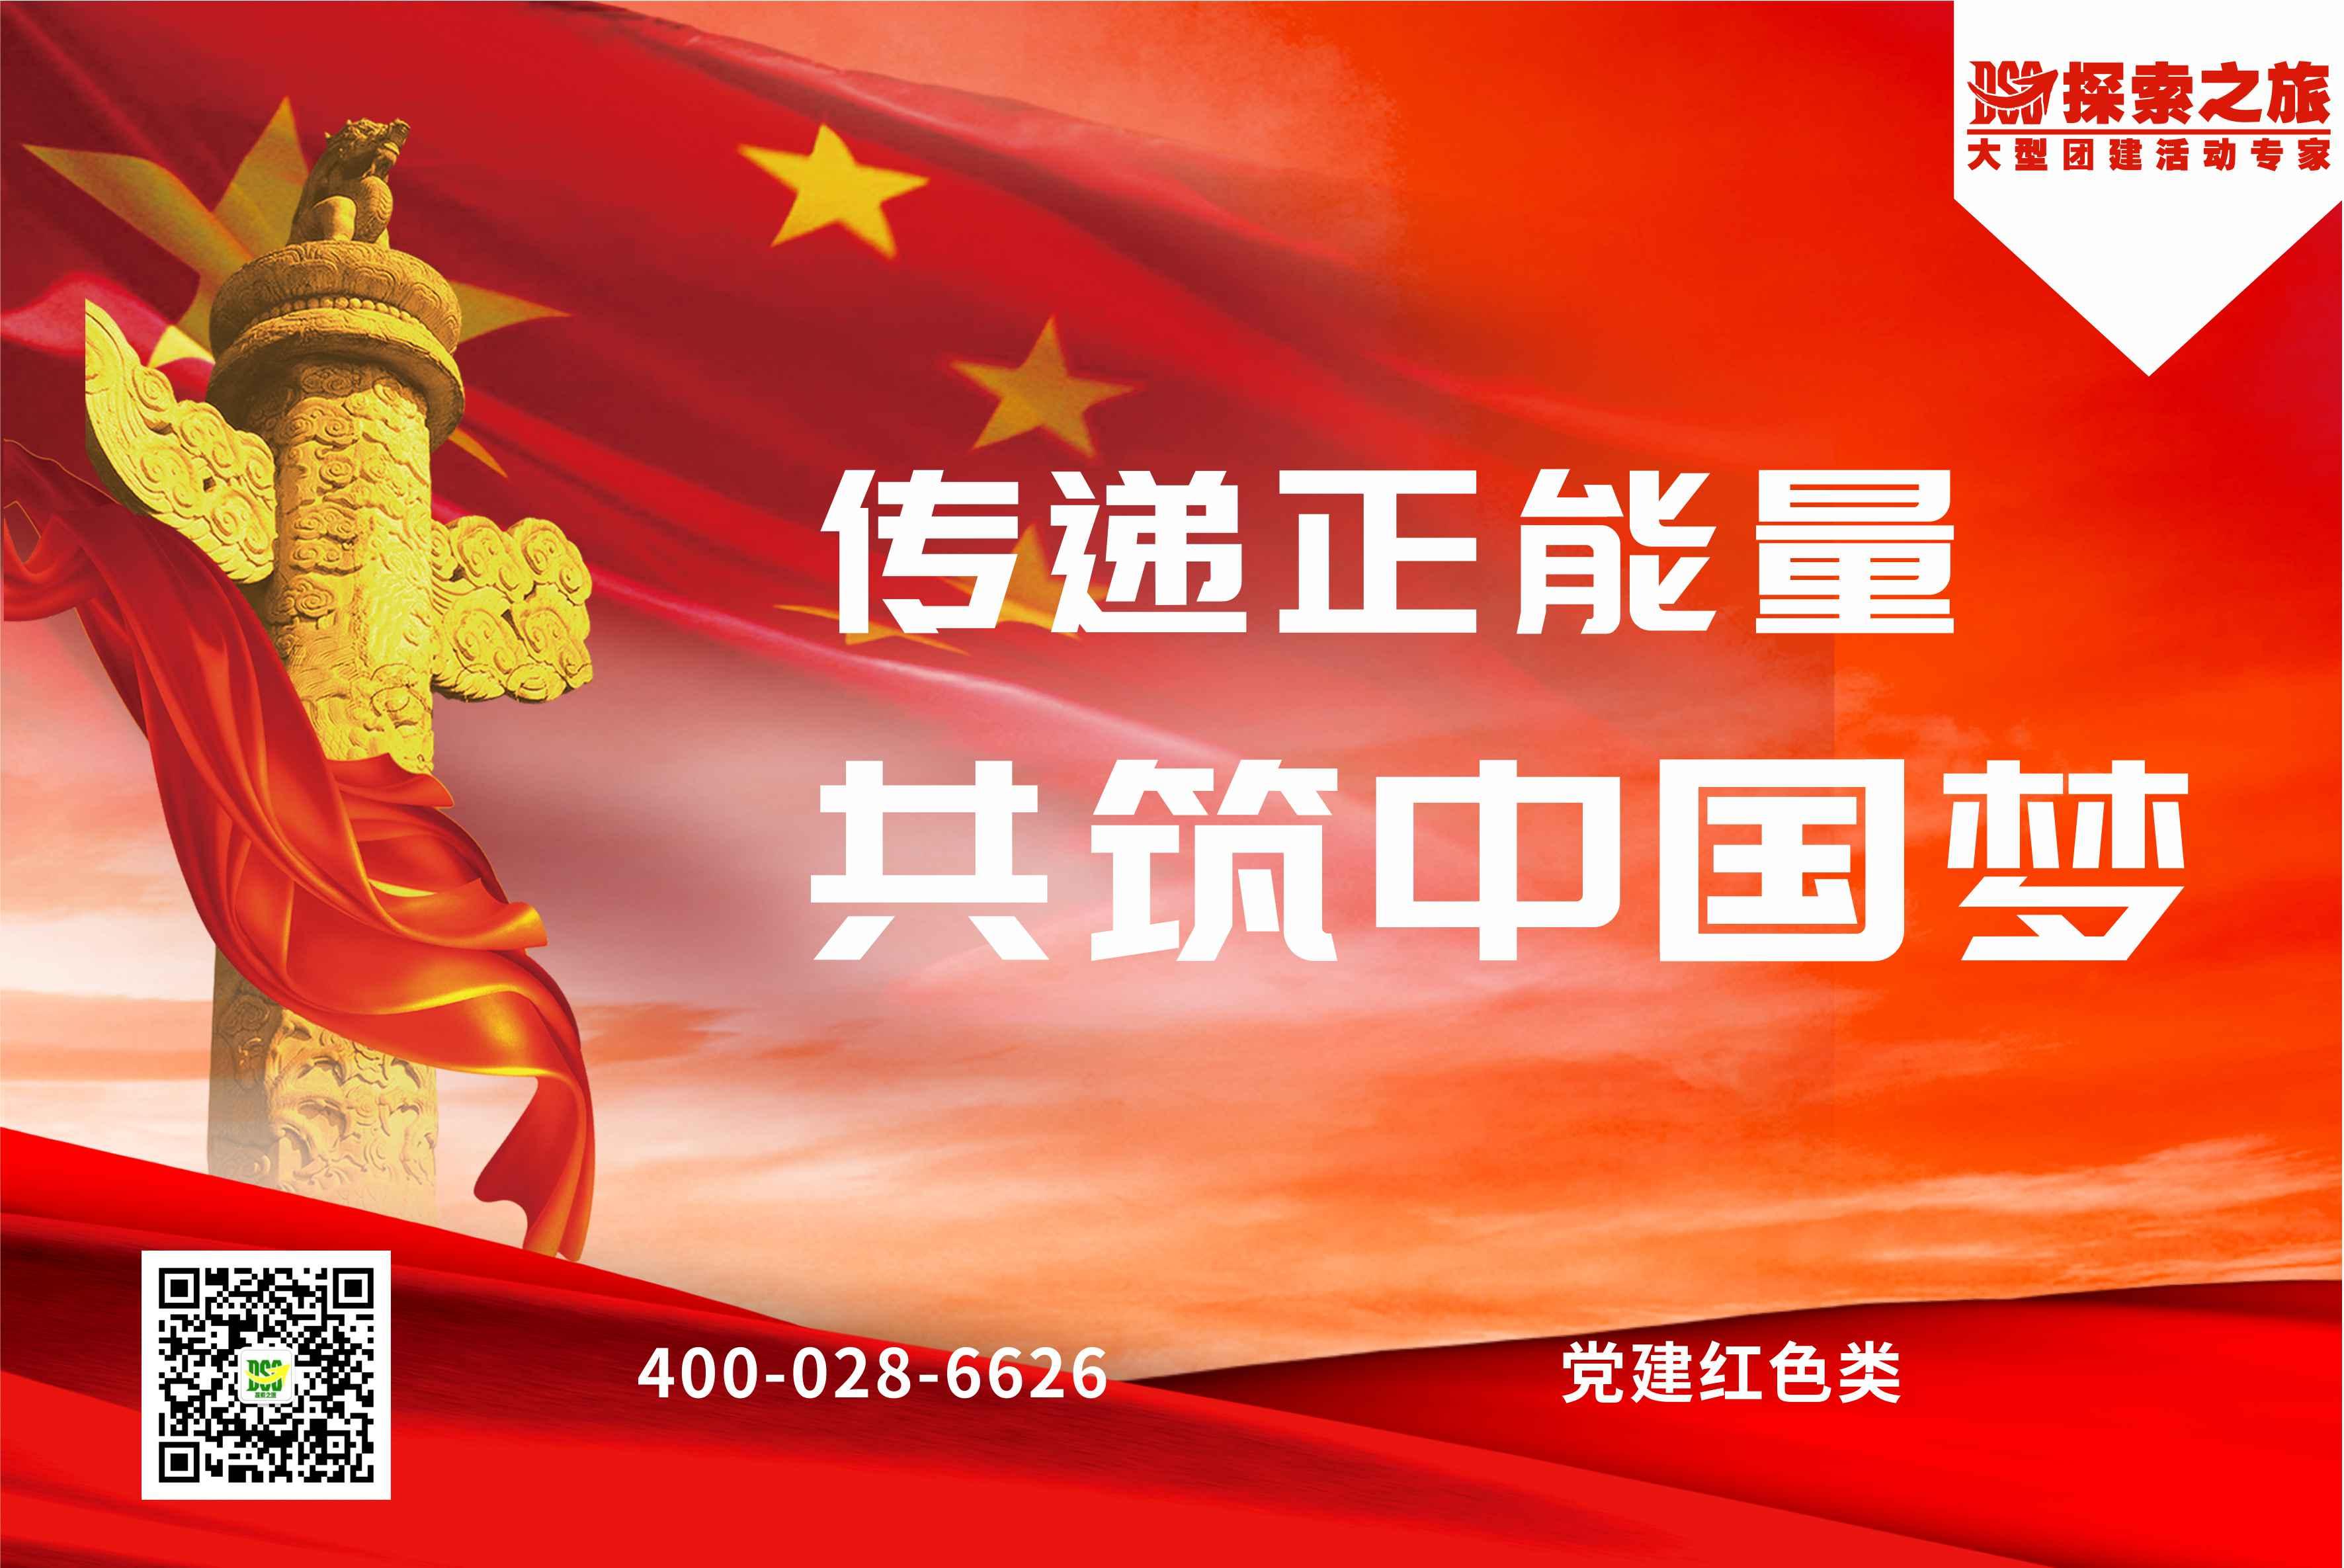 【党建式团建】传递中国梦